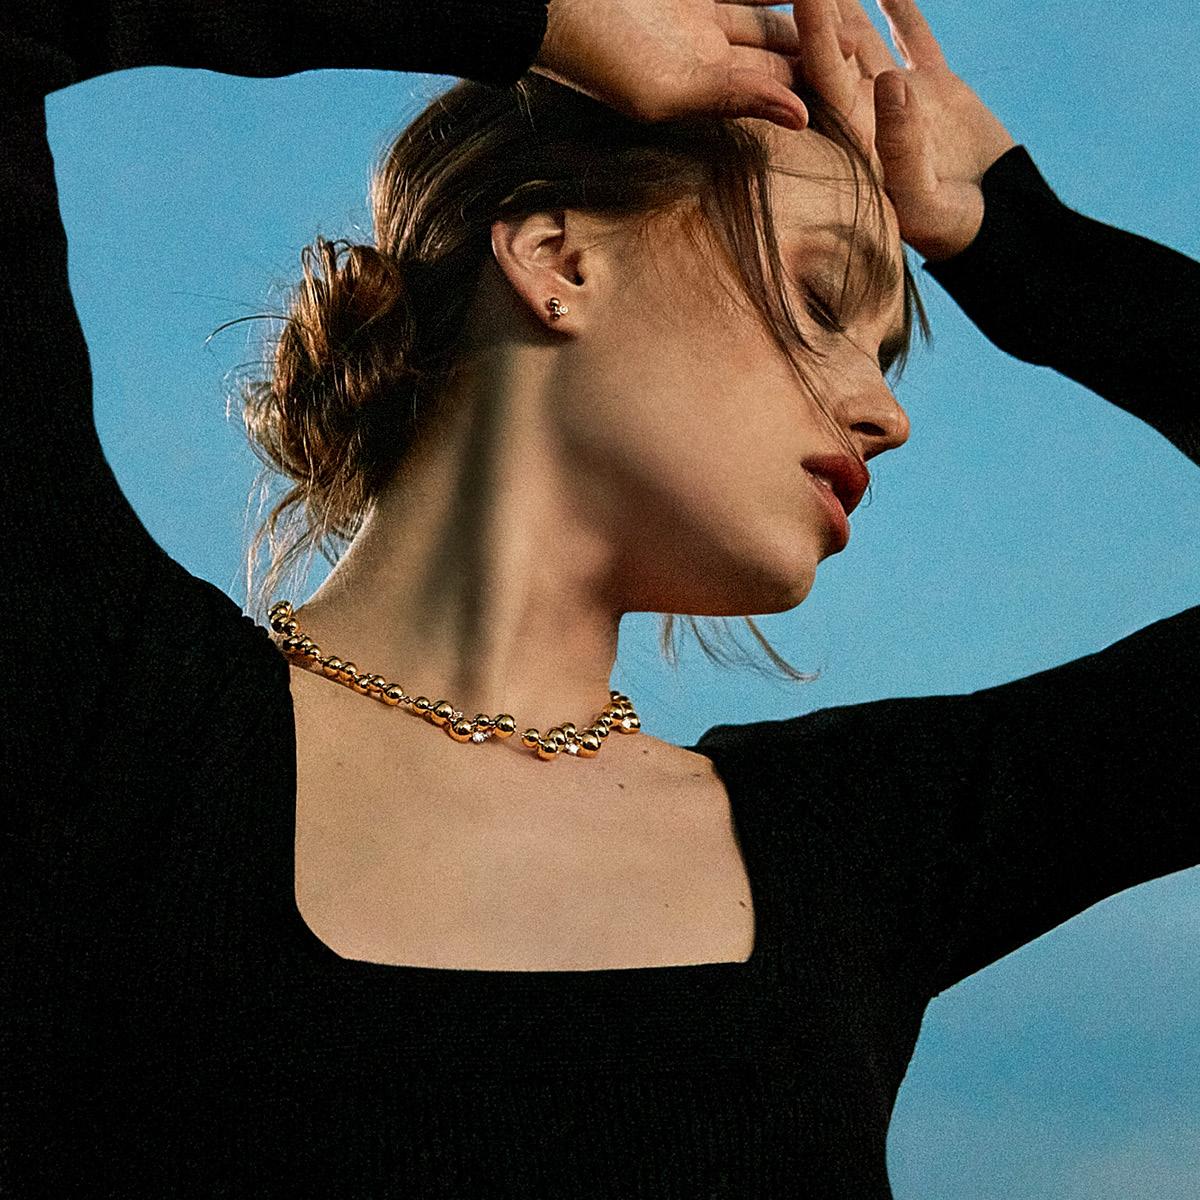 MOONLIGHT GRAPES Halskette mit Anhänger, große